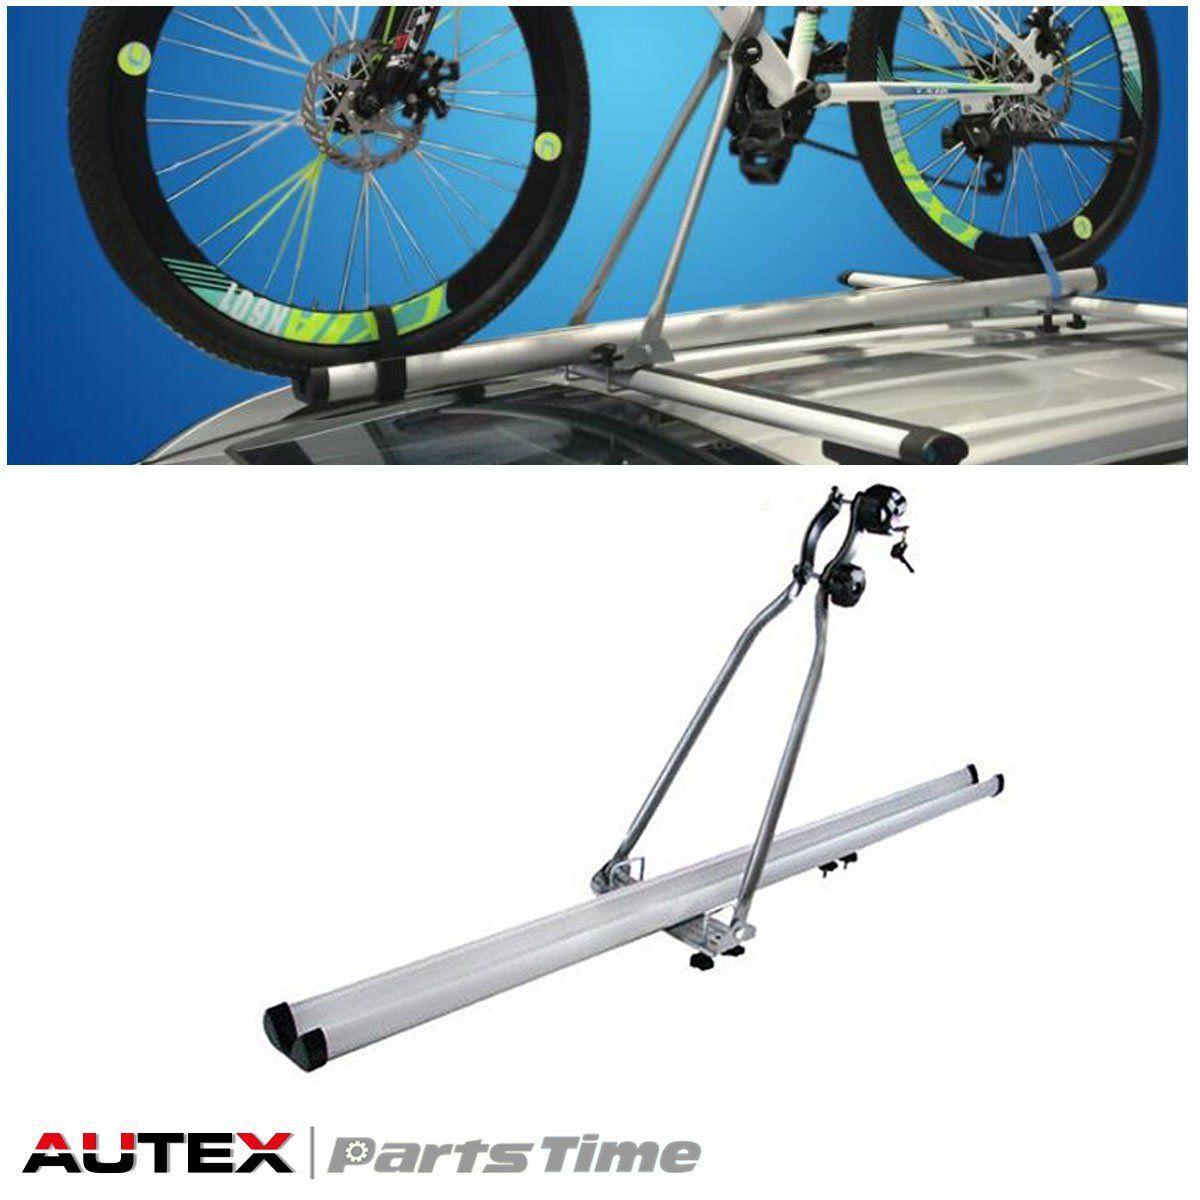 Autex 51 Lockable Aluminum Universal Upright Car Roof Top